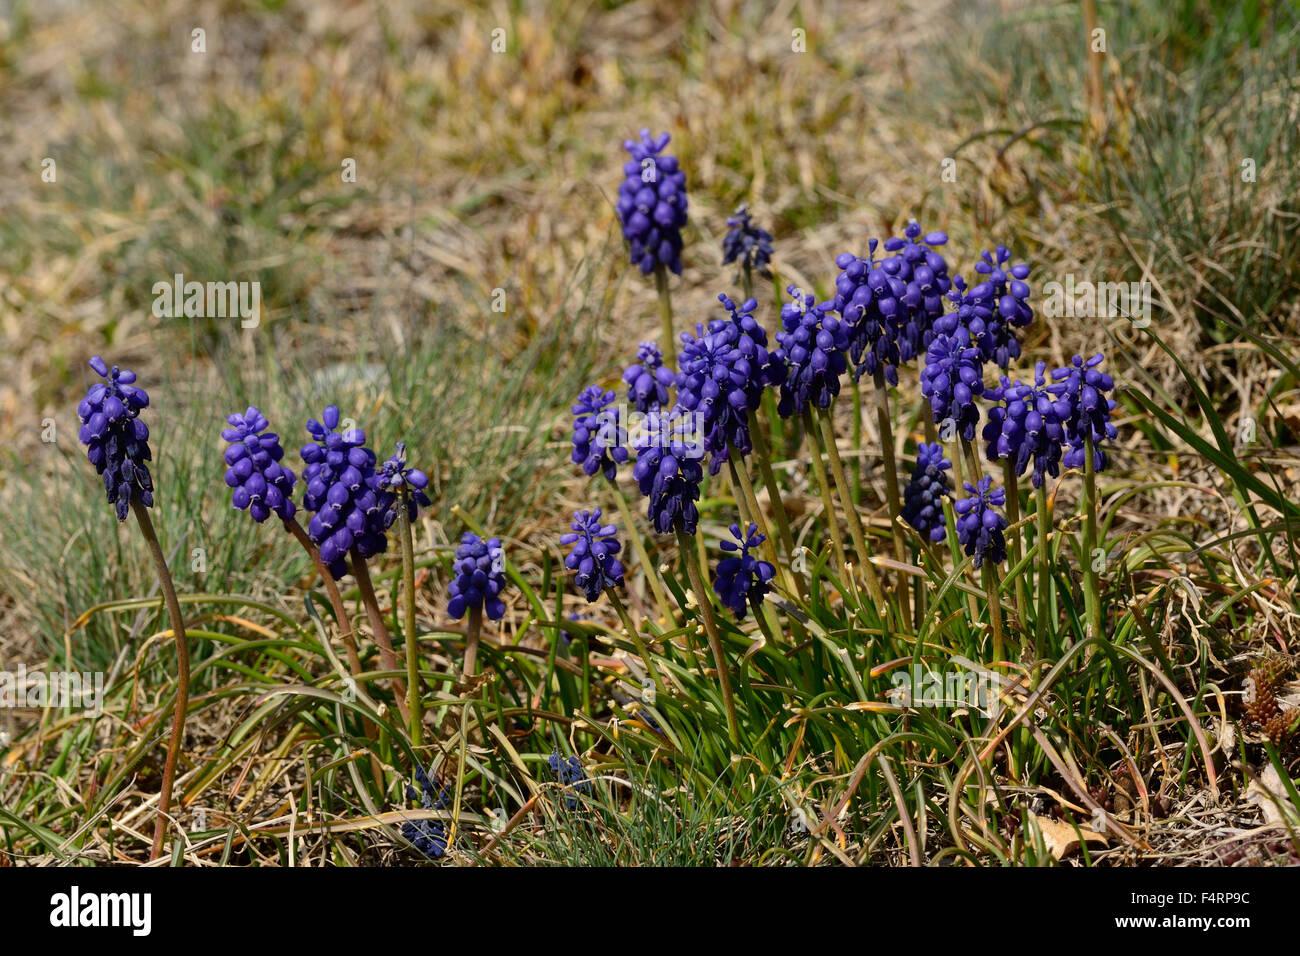 Traube Hyazinth, Muscare Racemosum, Asparagaceae, Blume, Blüten, Pflanzen, Leuk, Kanton Wallis, Schweiz Stockbild